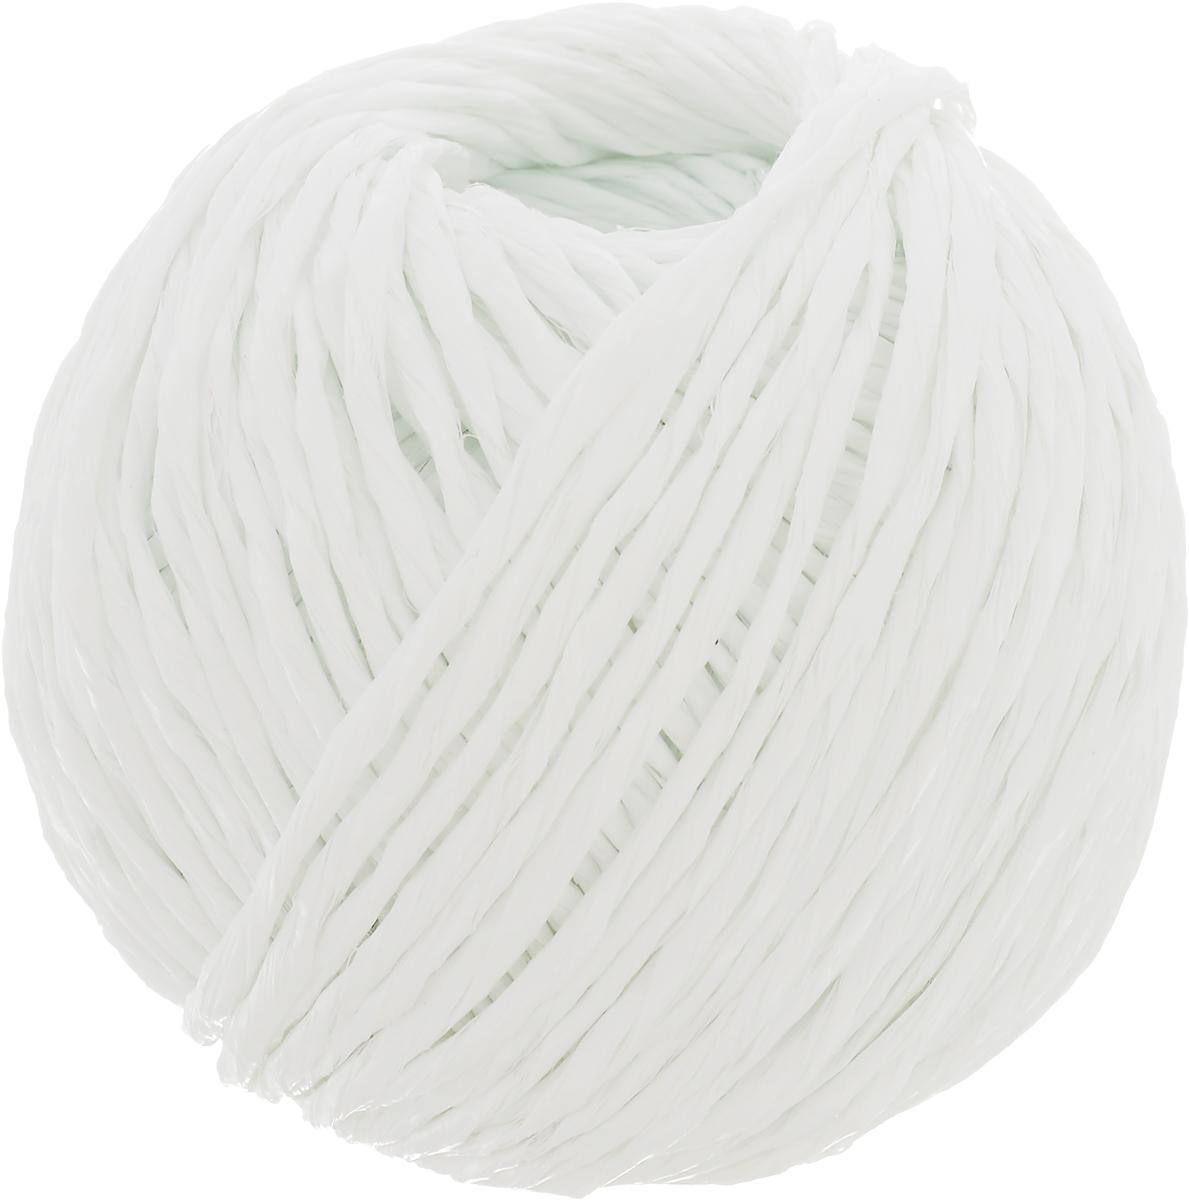 Шпагат Шнурком, цвет: белый, длина 60 мШпп_60_белыйПолипропиленовый шпагат Шнурком плотностью 1000 текс входит в категорию веревочной продукции, сырьем для которой являются синтетические волокна, в частности полипропиленовая нить. Данный материал характеризуется высокой прочностью и стойкостью к износу. Кроме того, он эластичен, гибок, не боится многократных изгибов, плотно облегает изделие при обвязке и легко завязывается в крепкие узлы.Относительная удельная плотность полипропиленовых шпагатов варьируется от 0,70 до 0,91 кг/м3.Температура плавления от 150 до 170°C (в зависимости от вида и модели шпагата).Удлинение под предельной нагрузкой (18-20%). Длина шпагата: 60 м.Толщина нити: 2 мм.Линейная плотность шпагата: 1000 текс.